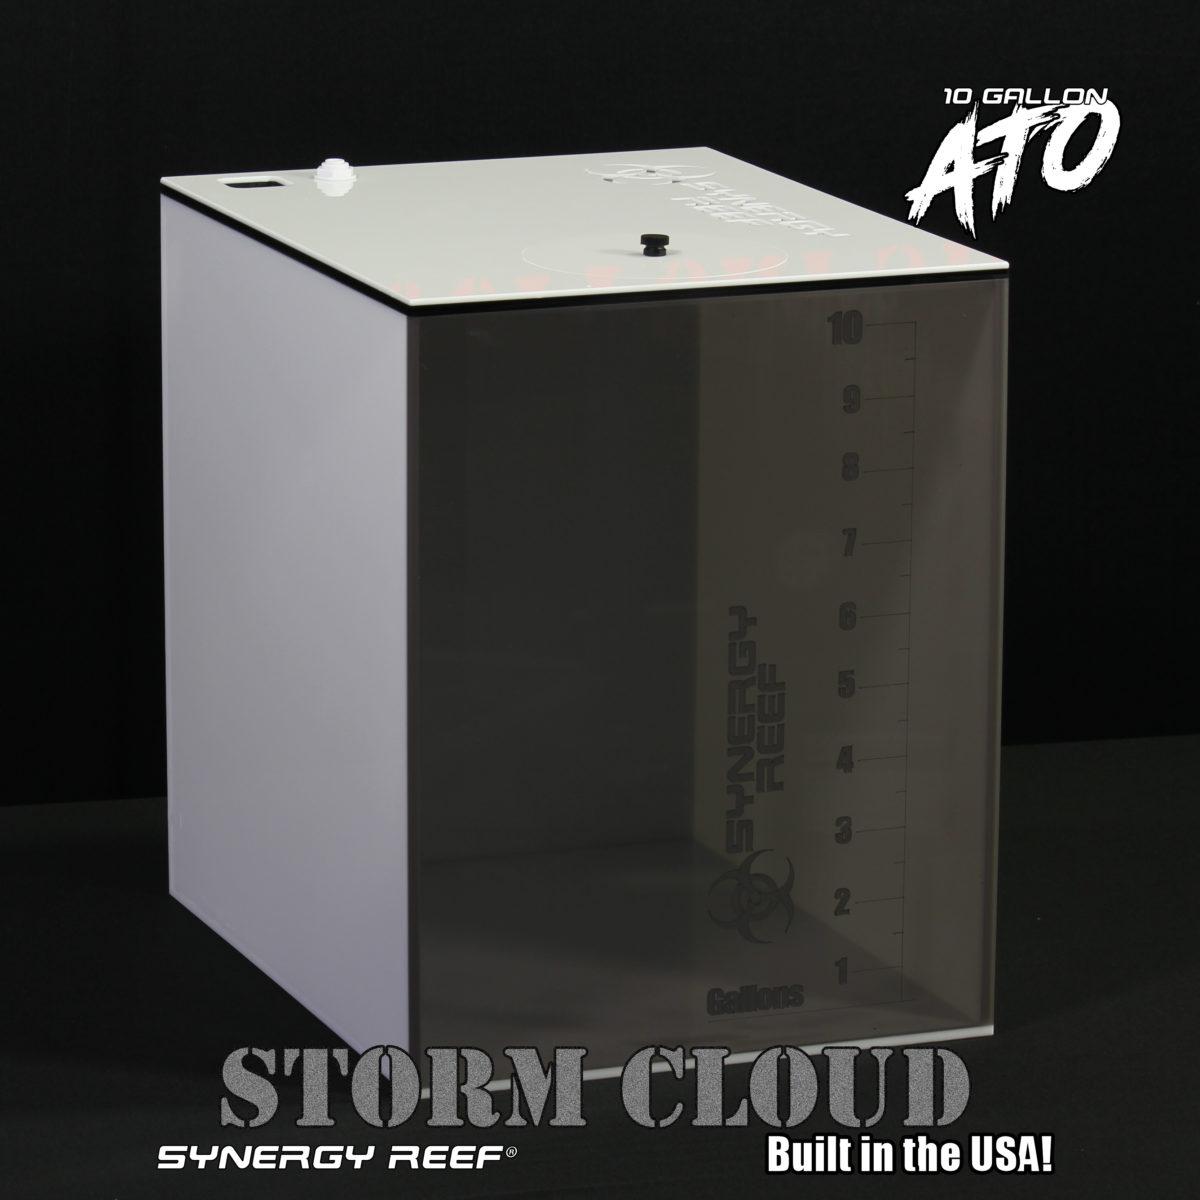 1080x1080-10-gallon-ATO-1200x1200.jpg